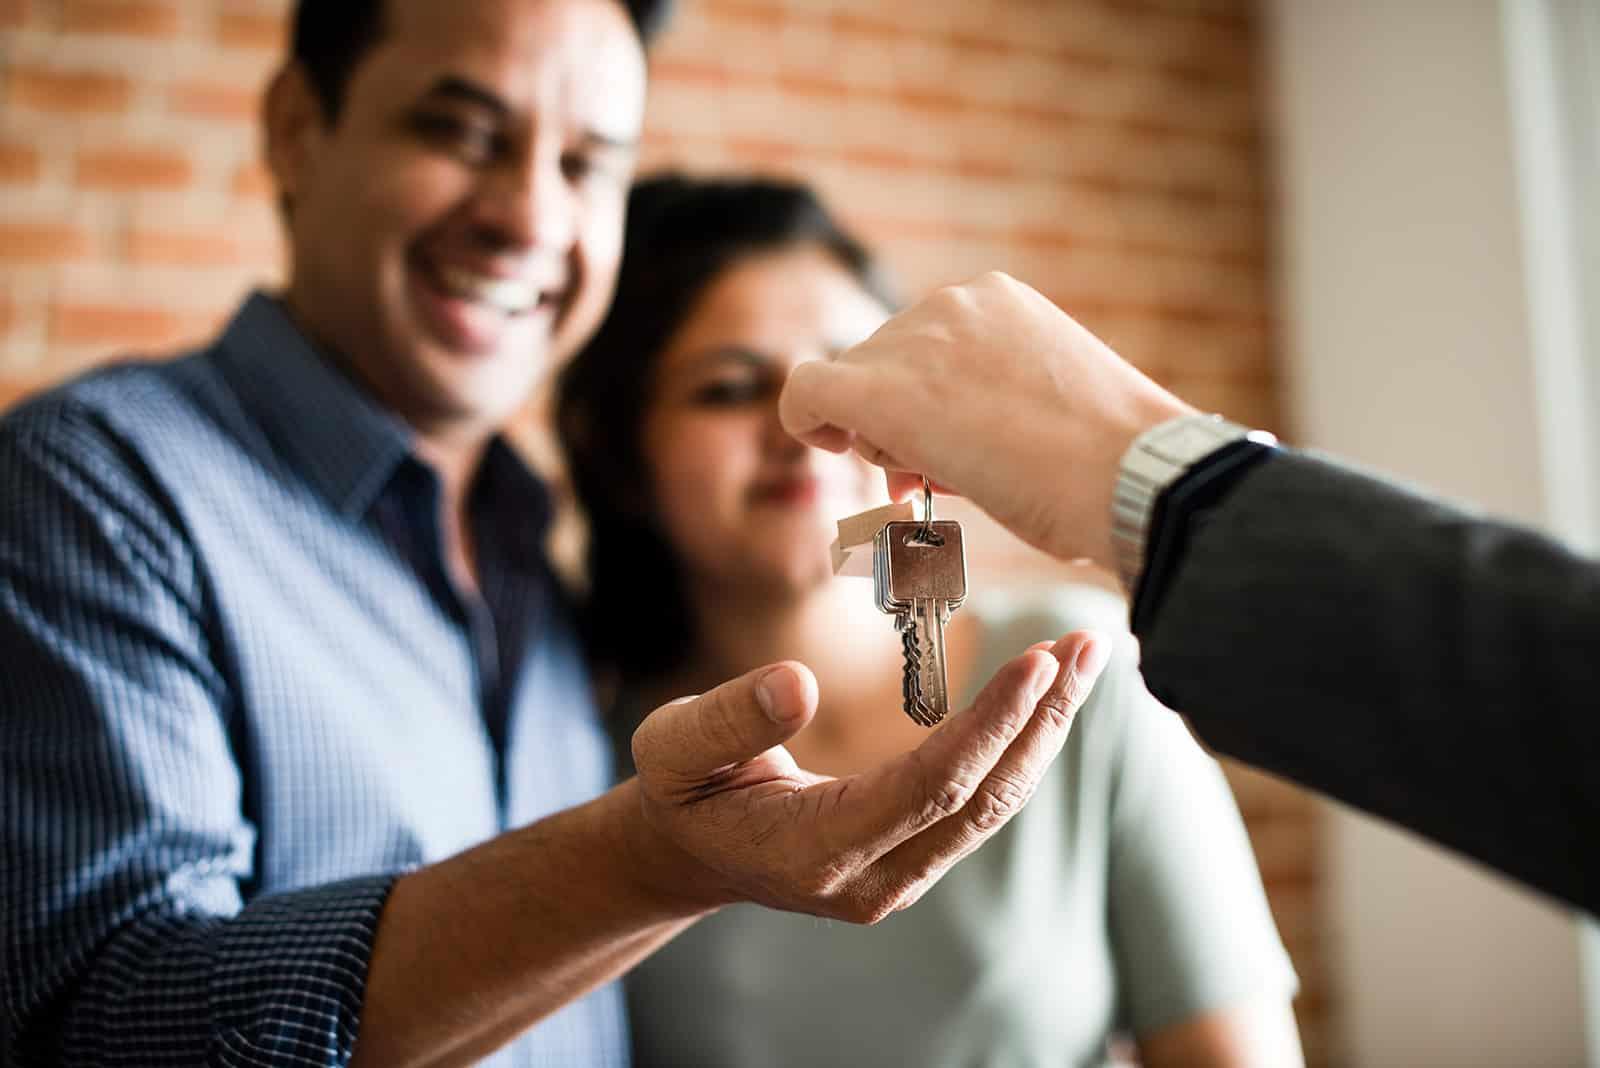 Por miedo a ser perjudicados, los propietarios ponen más difícil y caro el alquiler de sus viviendas